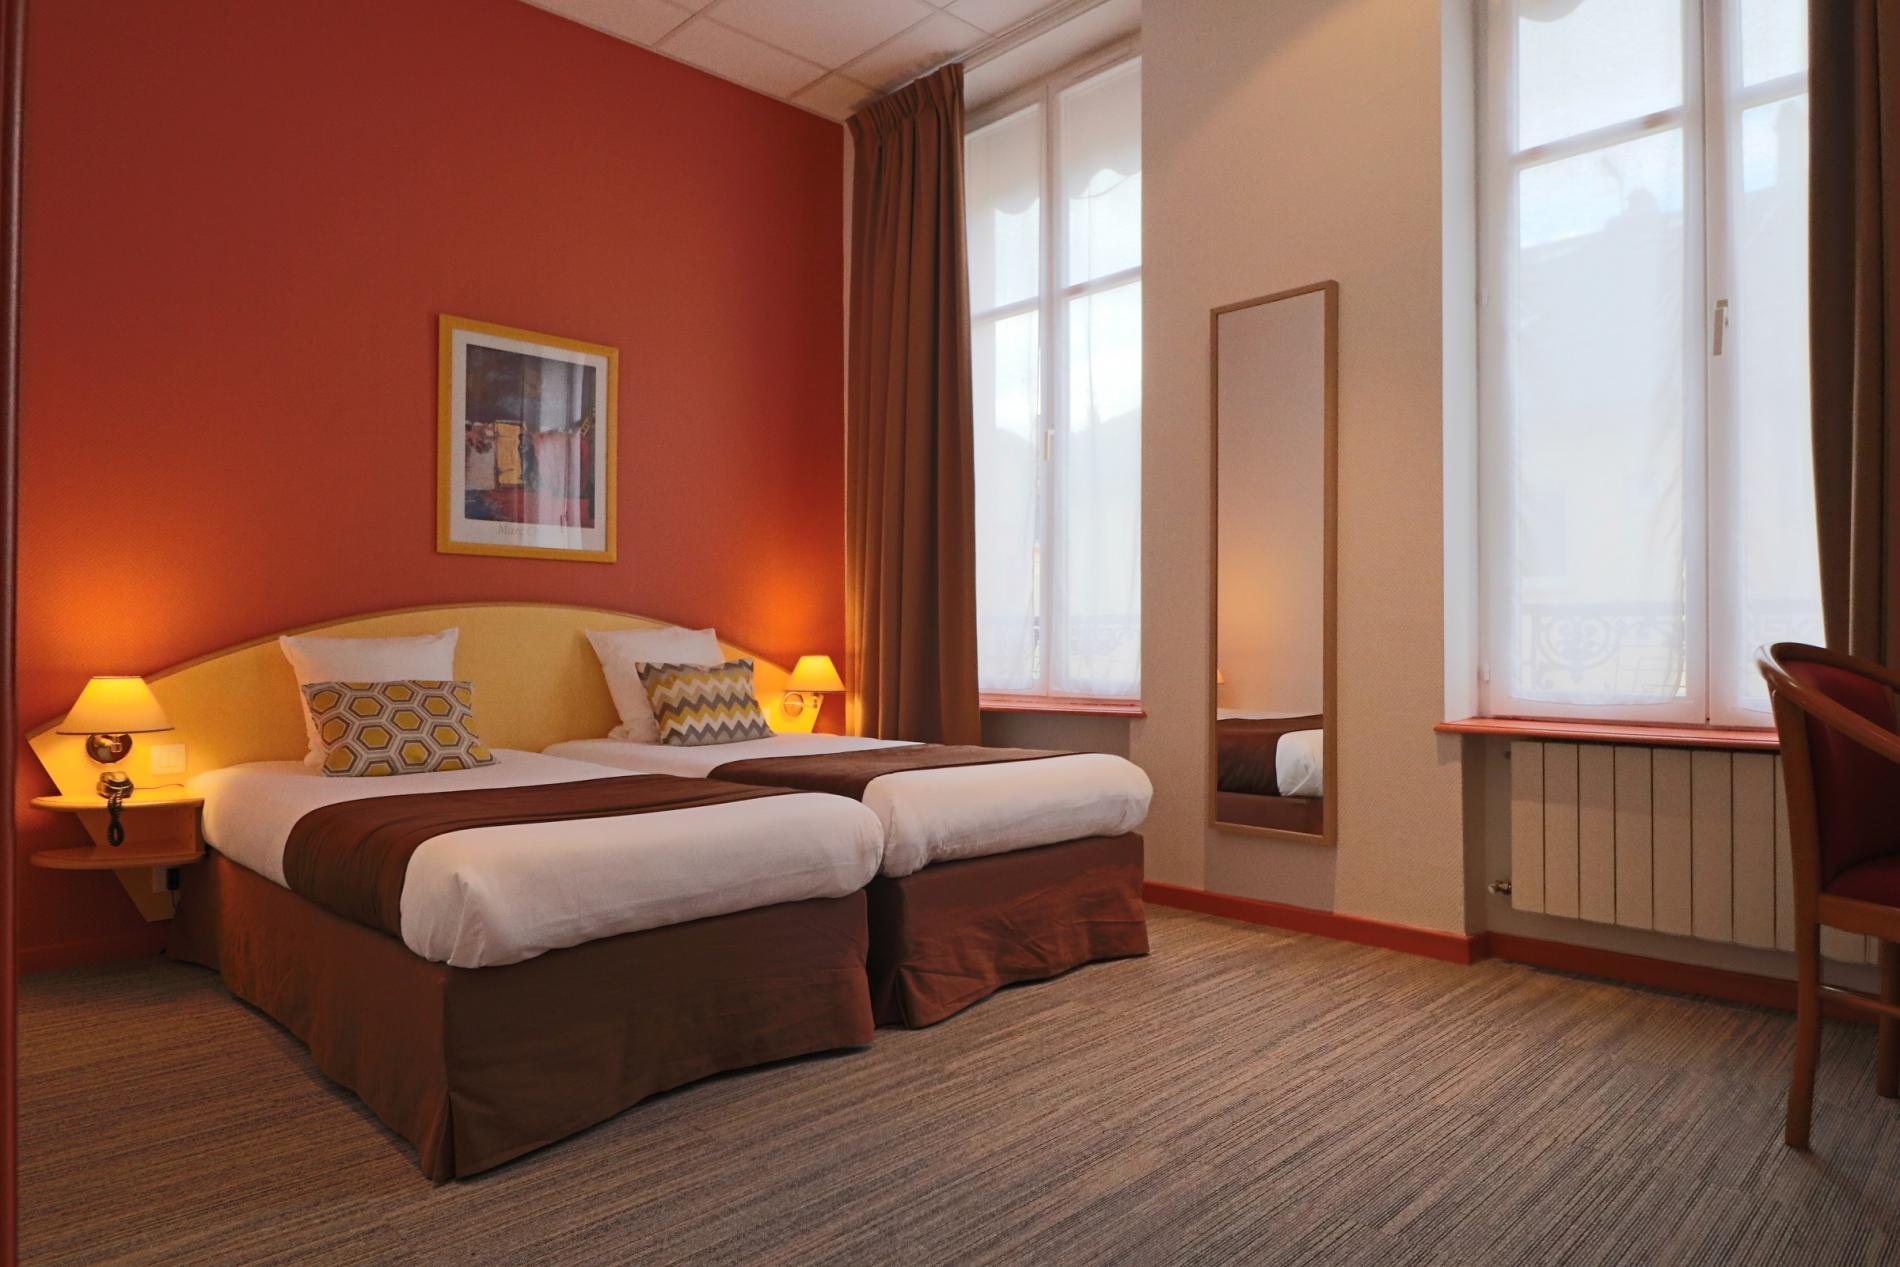 Logis Hôtel** dans le centre historique de Thionville